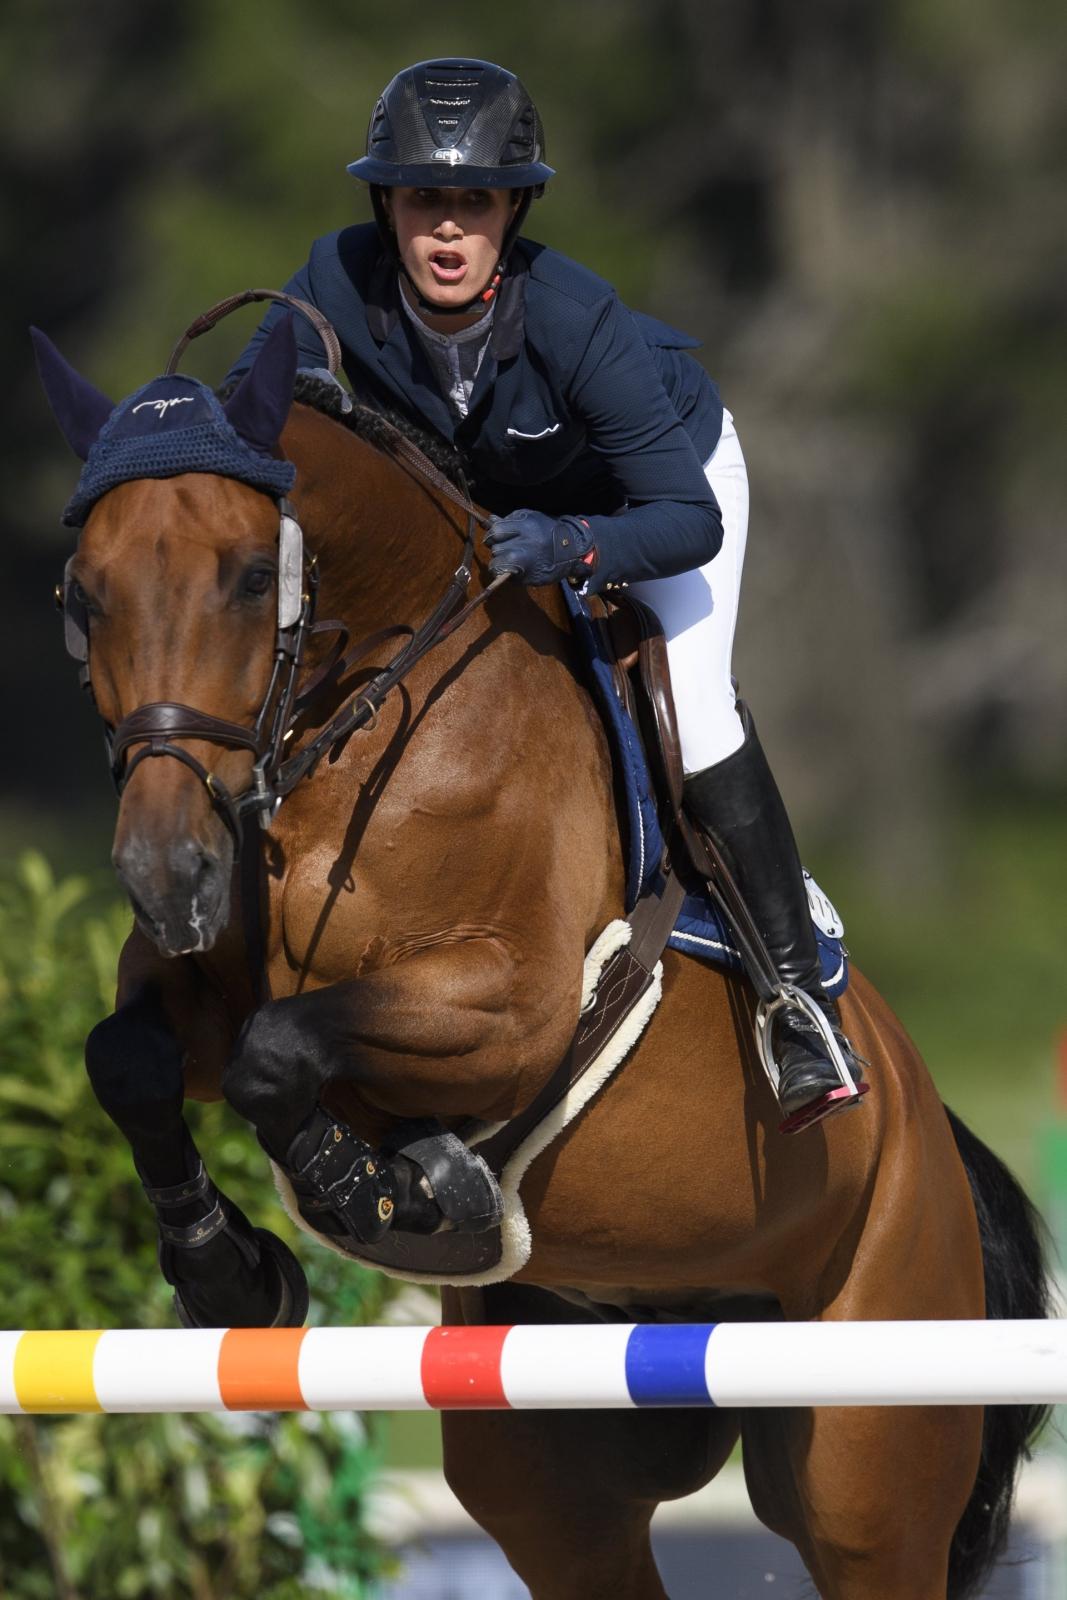 Szwajcaria zawody jeździeckie EPA/GIAN EHRENZELLER